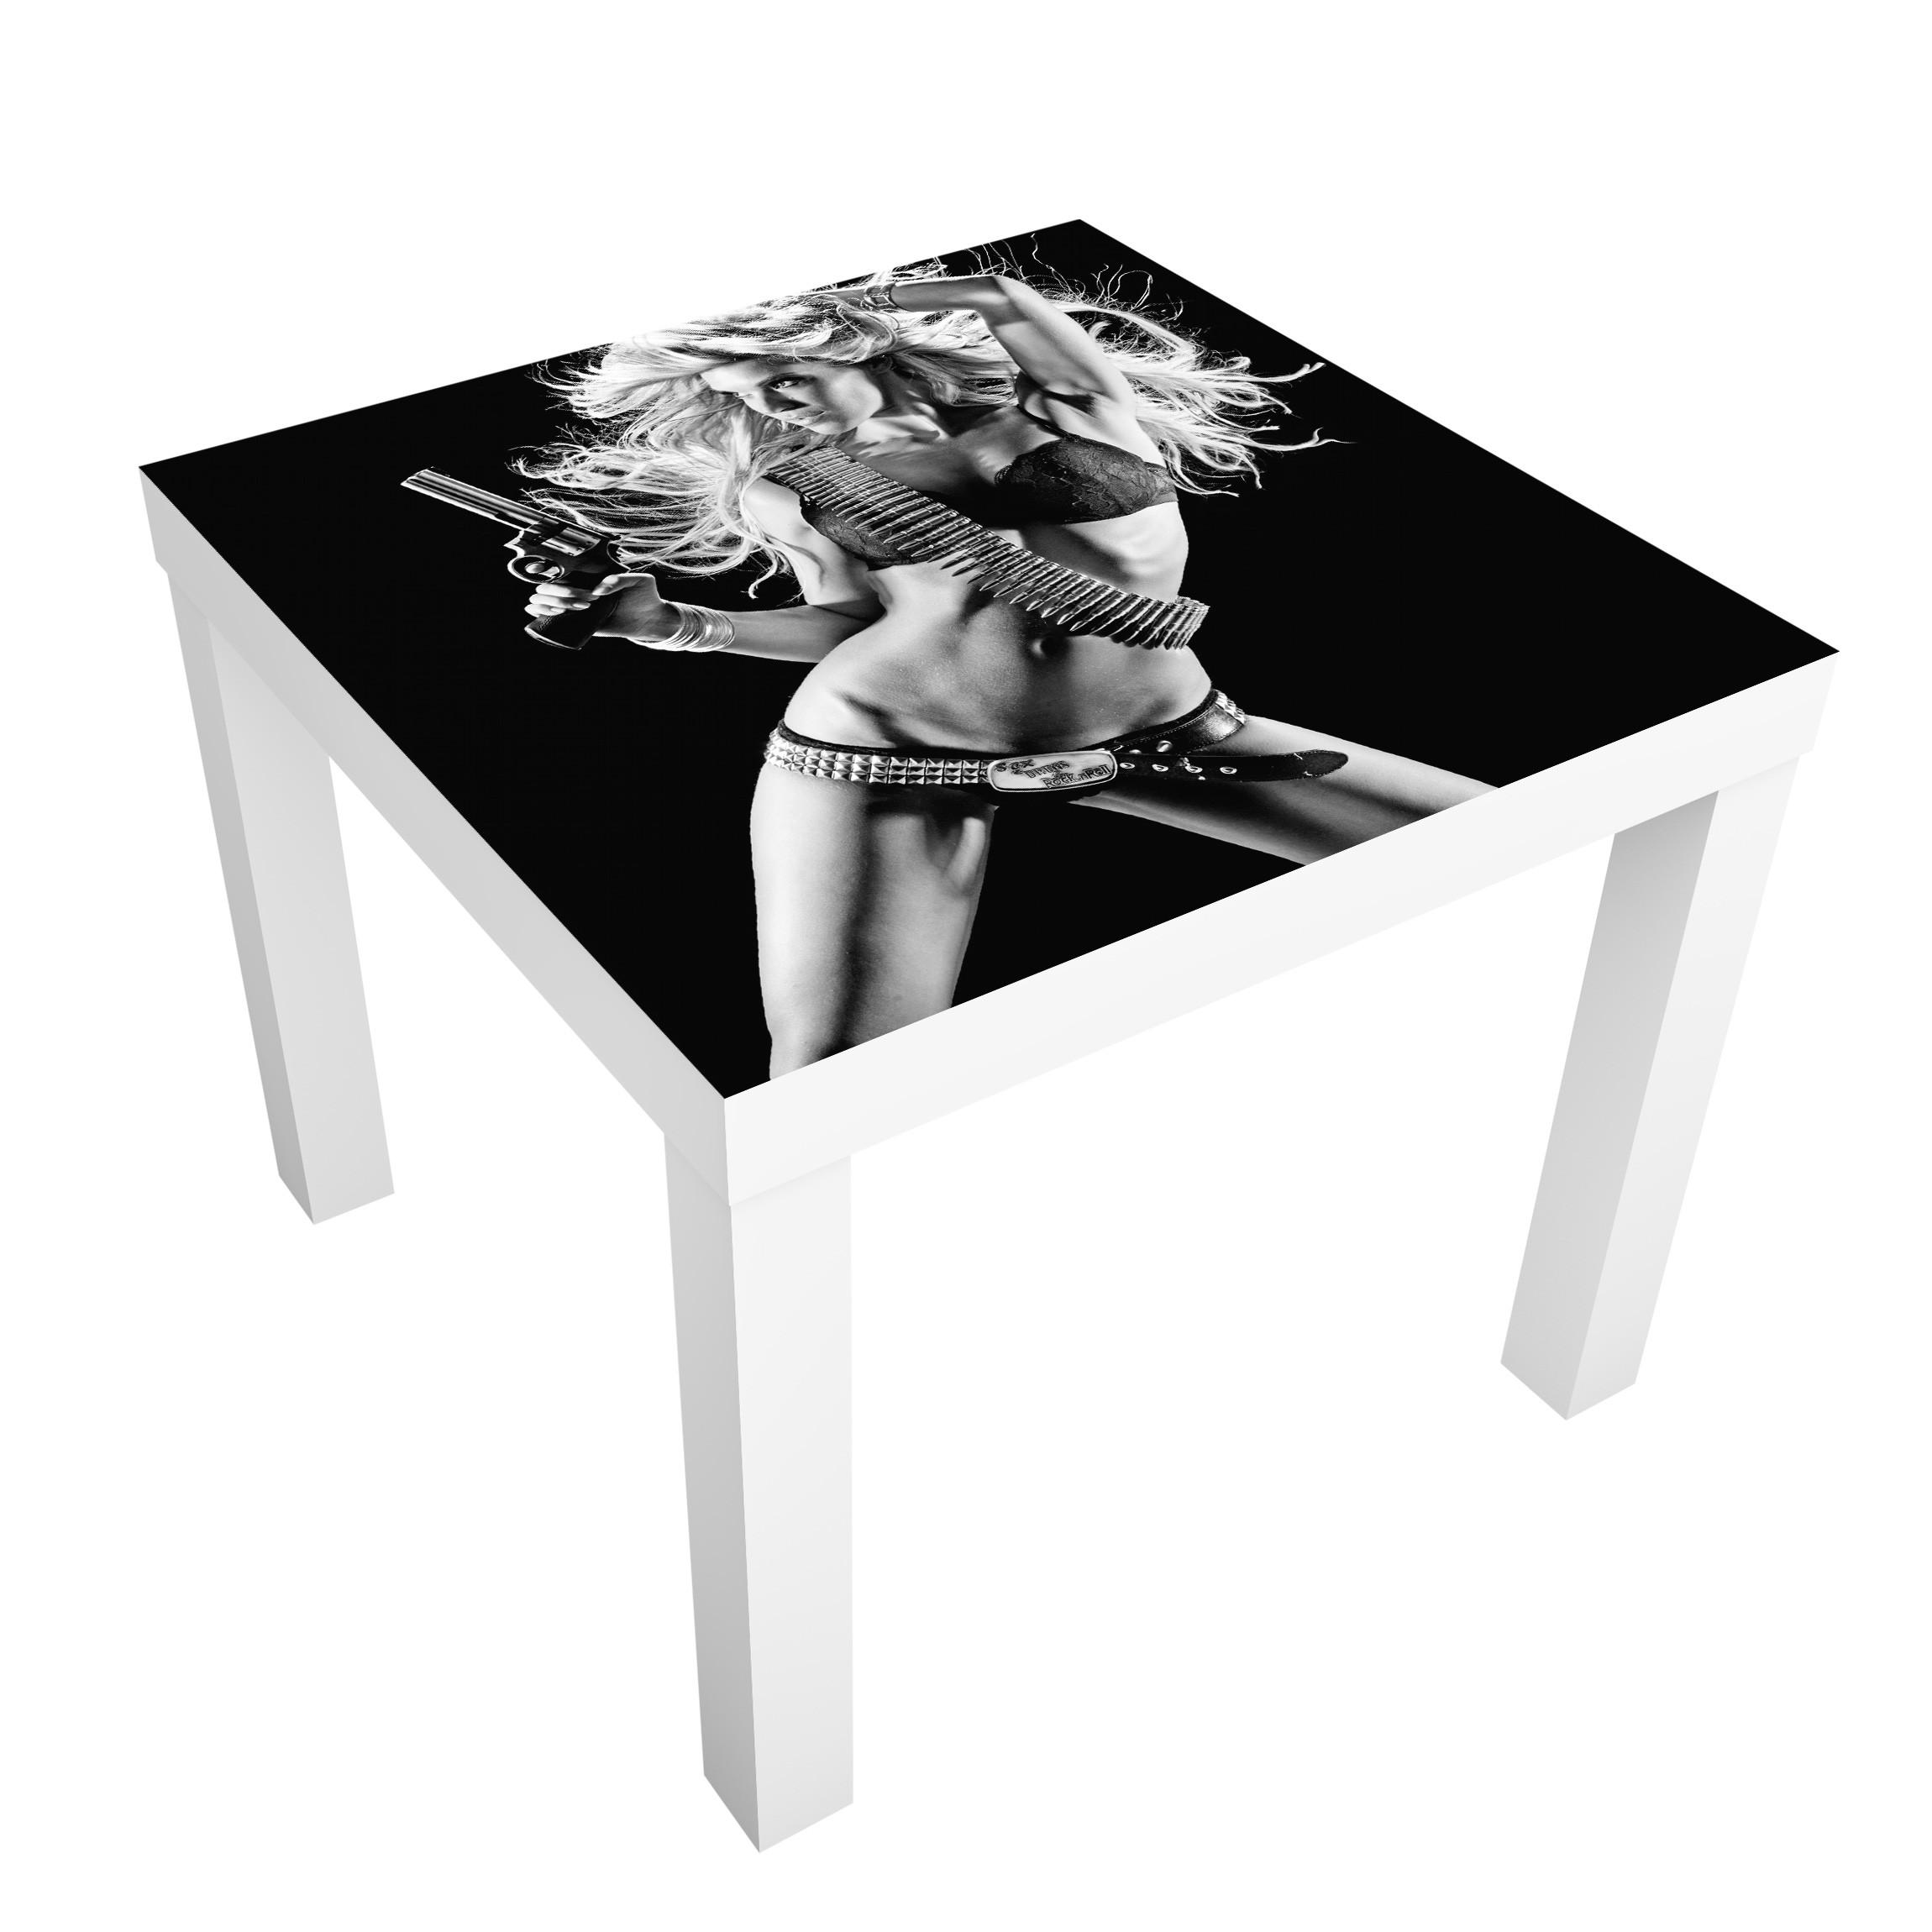 Carta adesiva per mobili ikea lack tavolino bang bang baby - Pellicola adesiva per mobili ikea ...